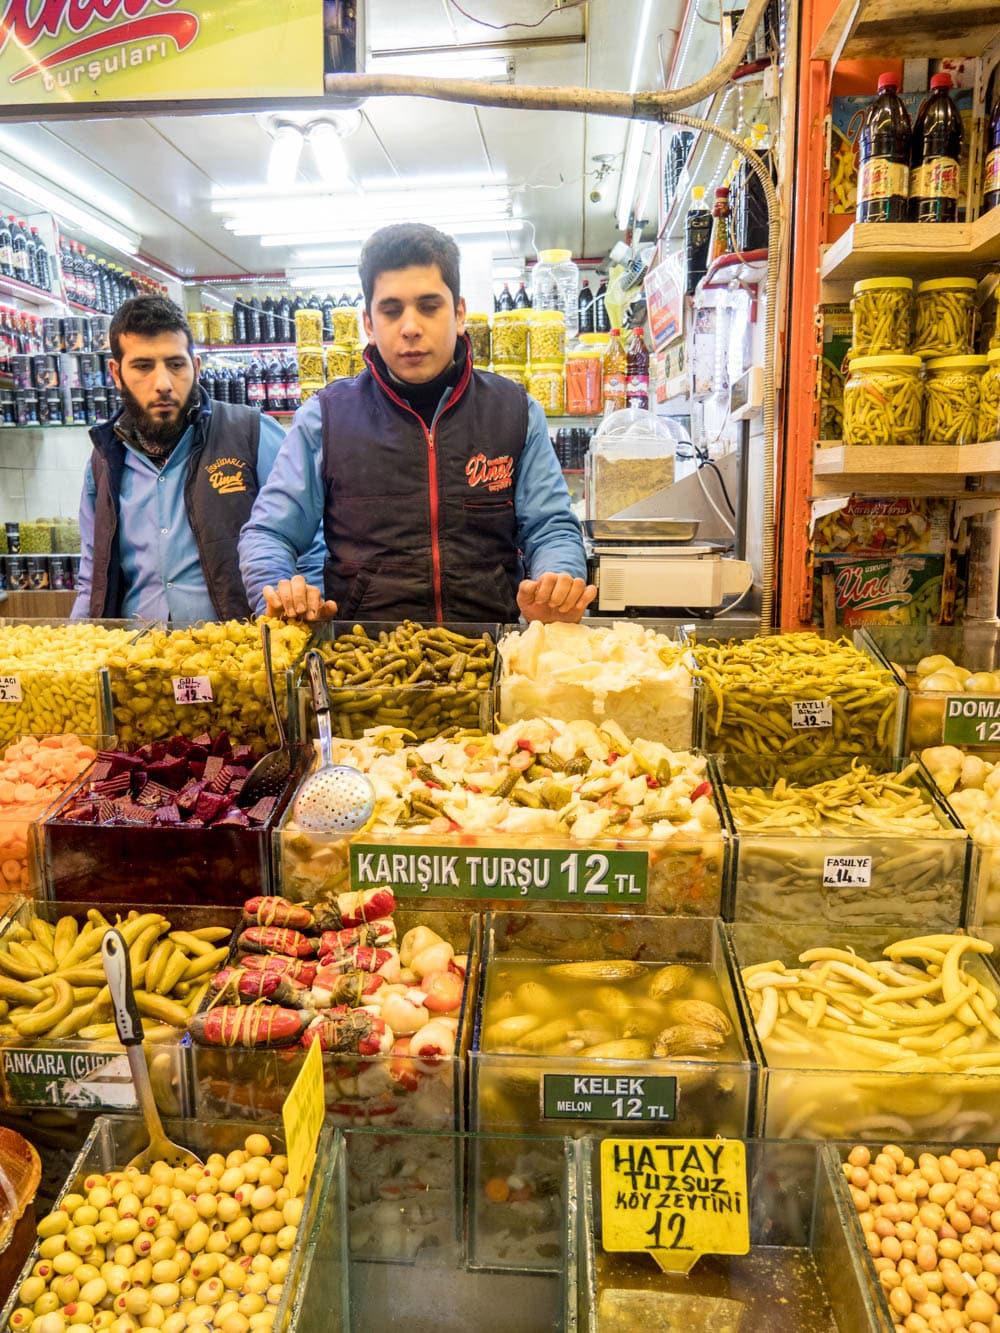 Syltede grønnsaker selges ved kryddermarkedet i Istanbul (Misir carsisi) / Et kjøkken i Istanbul